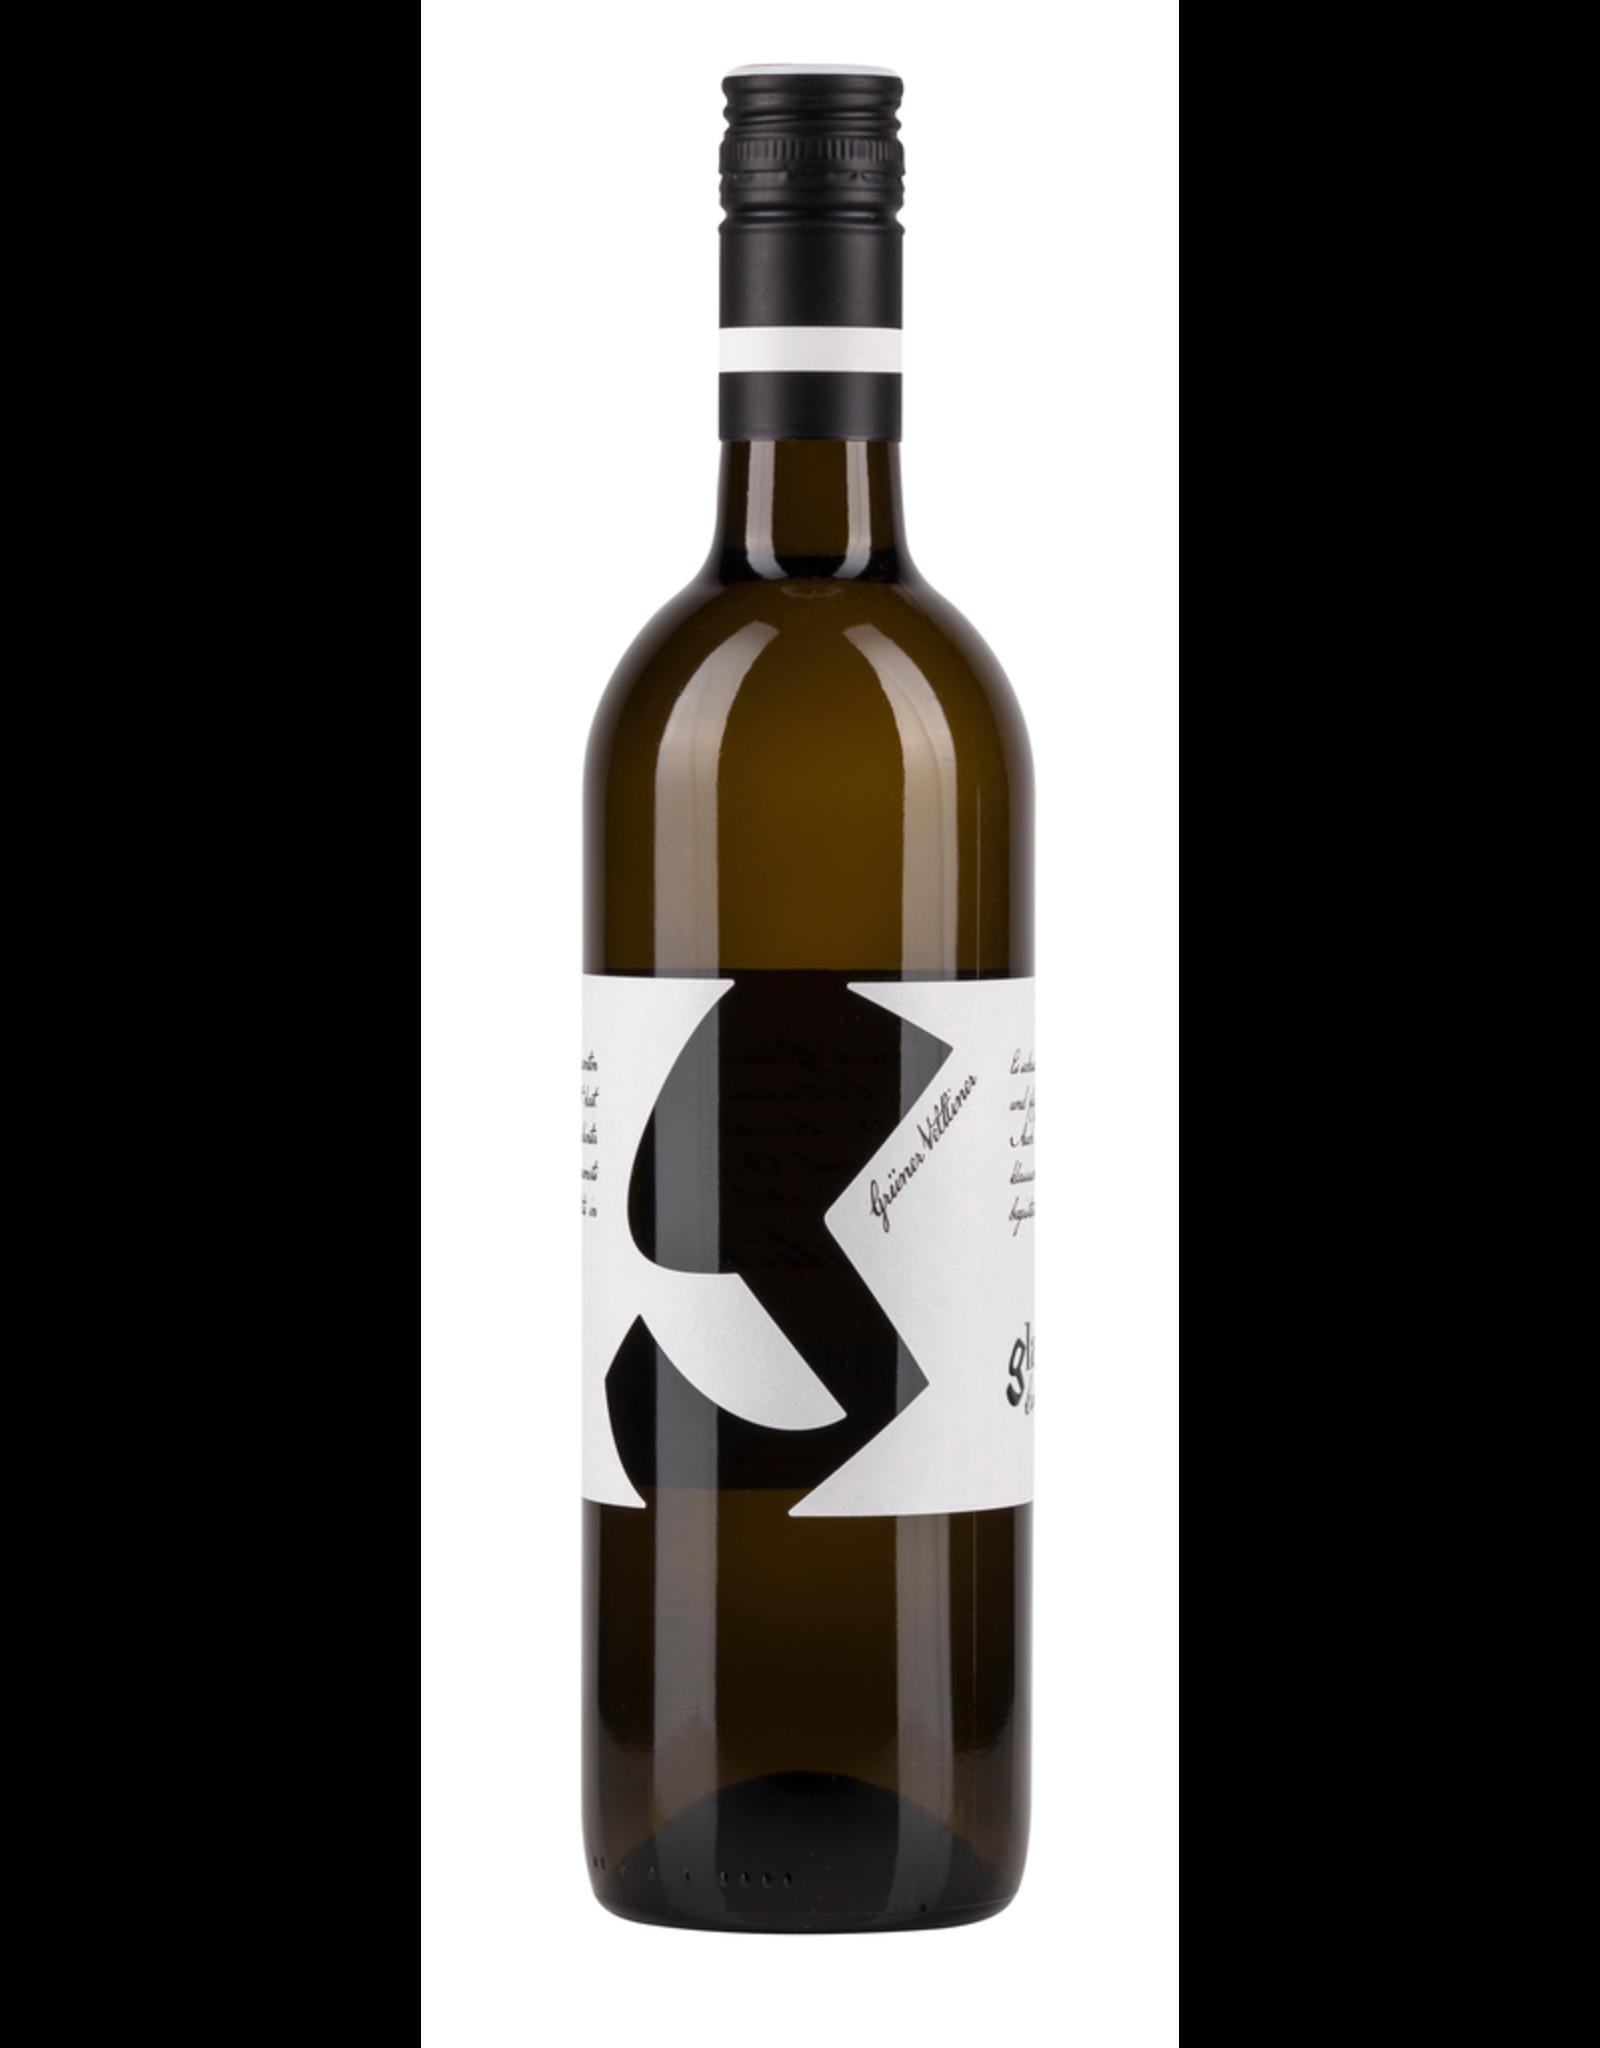 White Wine 2016, Weingut Glatzer, Gruner Veltliner, Carnuntum, Niederosterreich, Austria, 12% Alc, CTnr, TW90